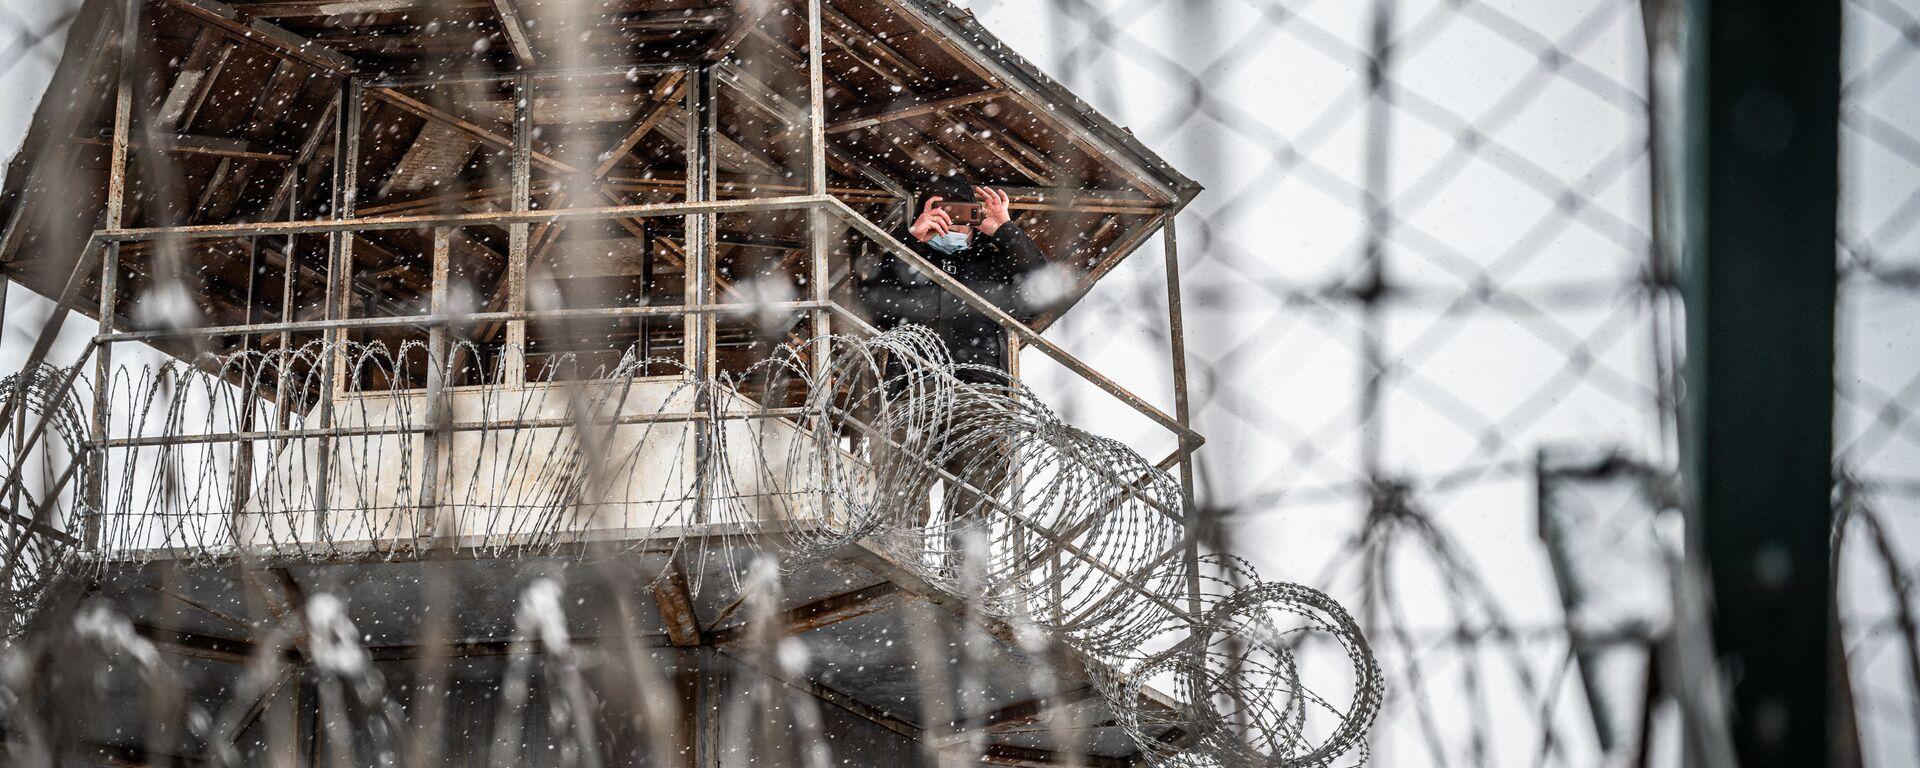 ციხე - Sputnik საქართველო, 1920, 08.04.2021